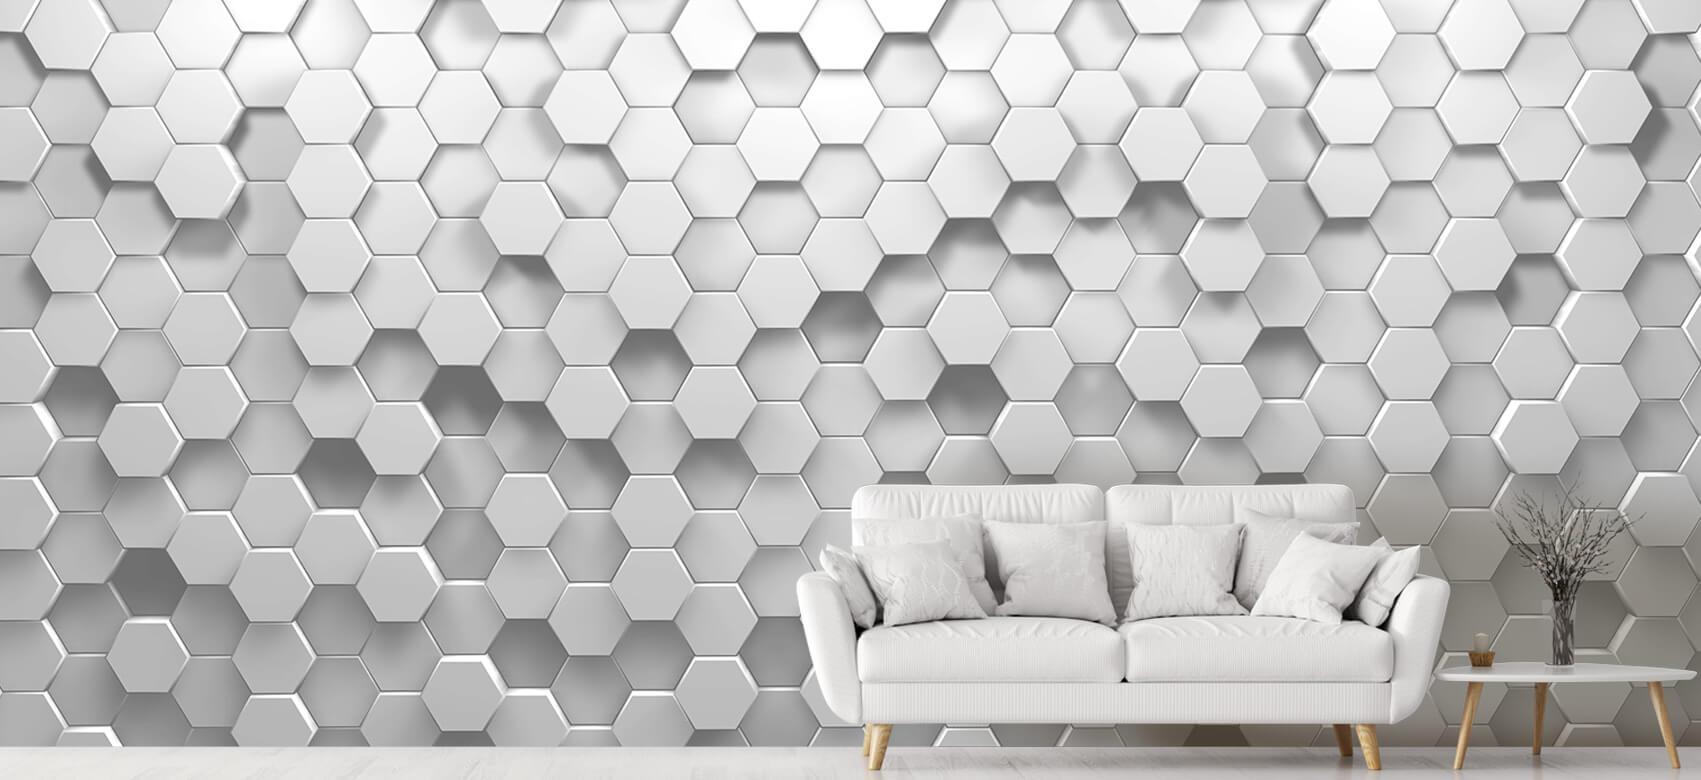 3D 3D Hexagons 4